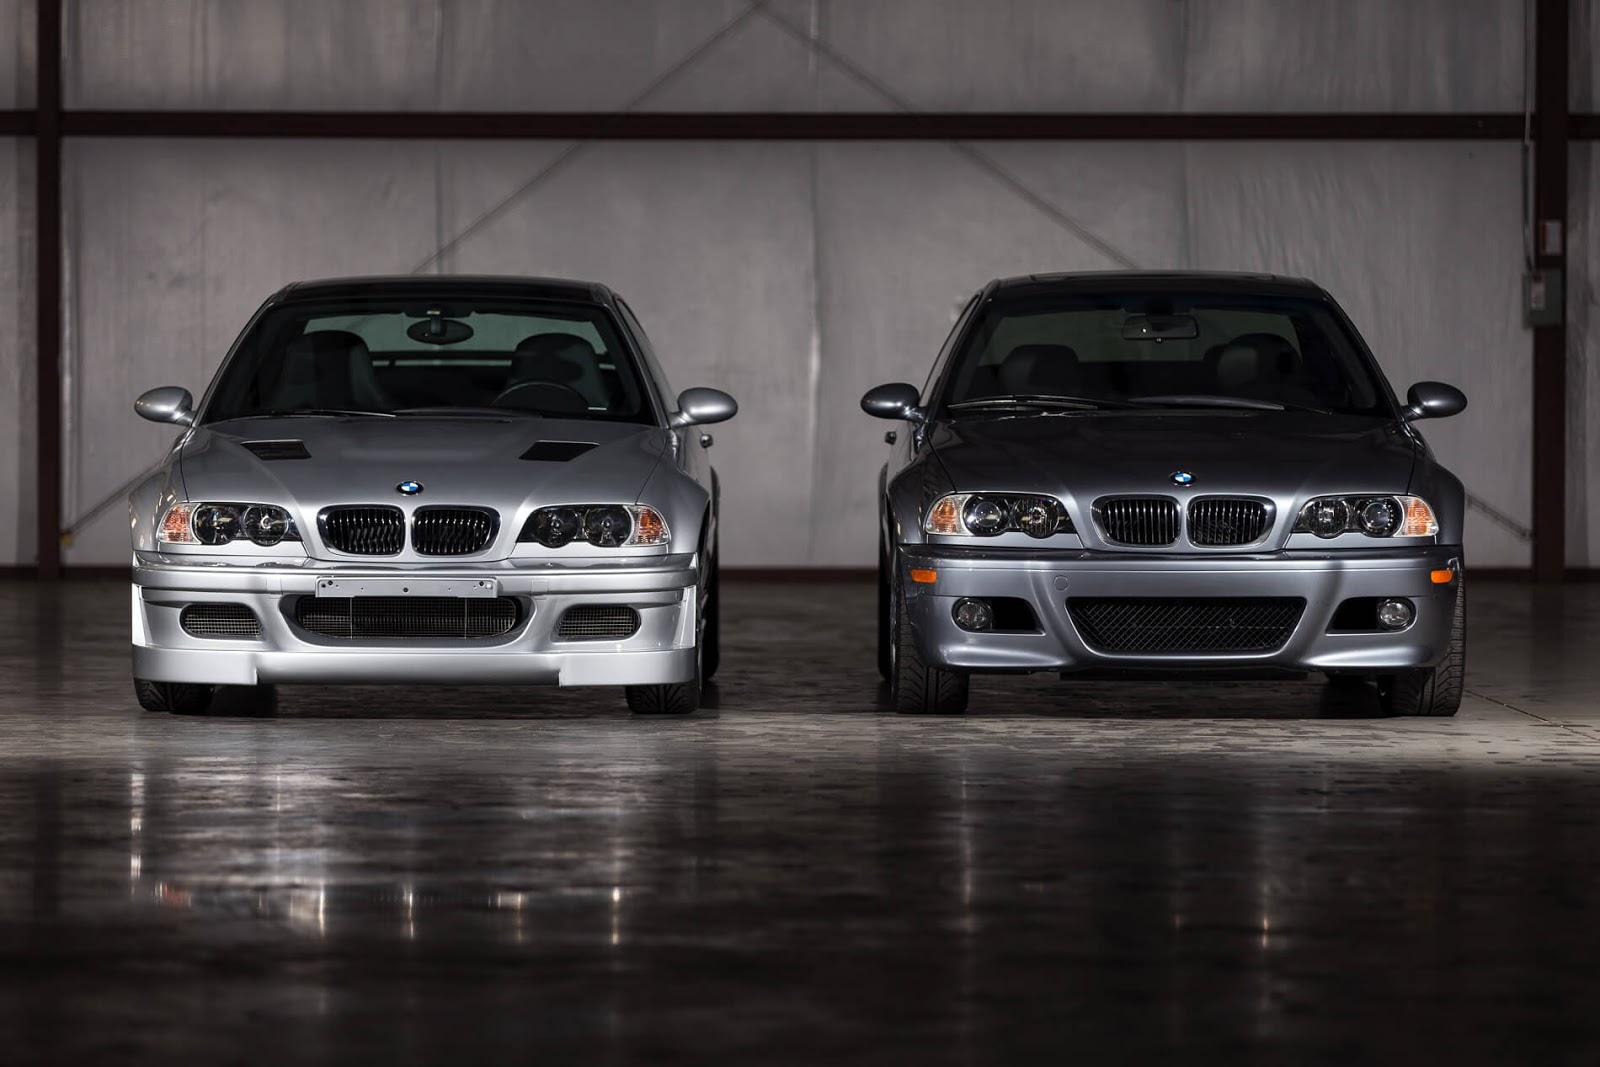 BMW E46 M3 GTR dan BMW E46 M3